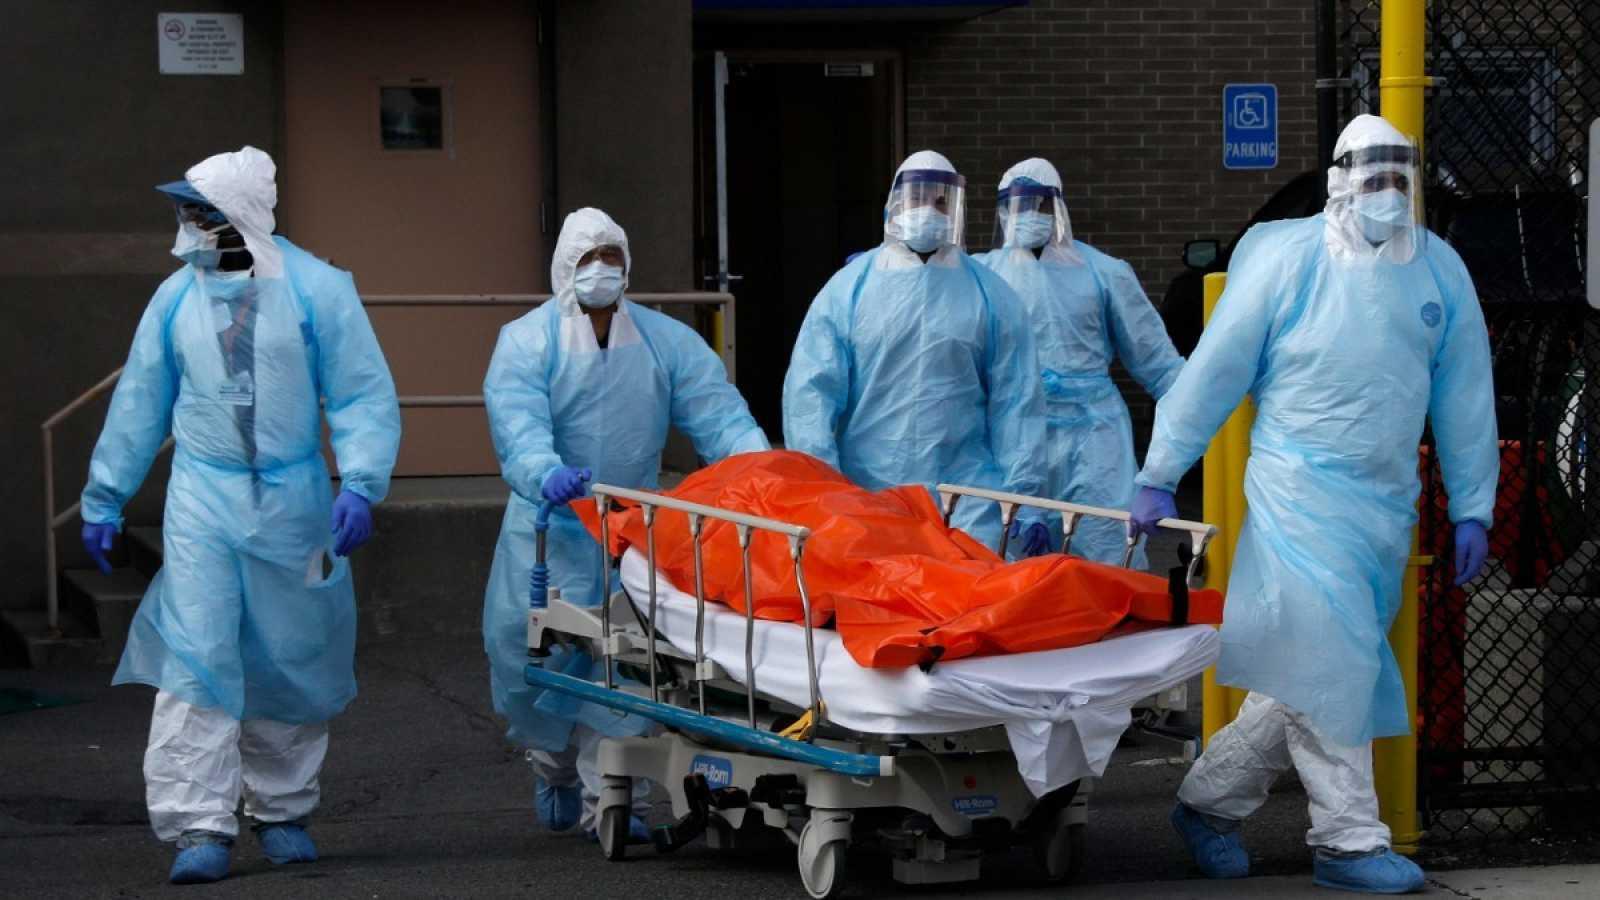 La pandemia de coronavirus desborda los hospitales en Estados Unidos